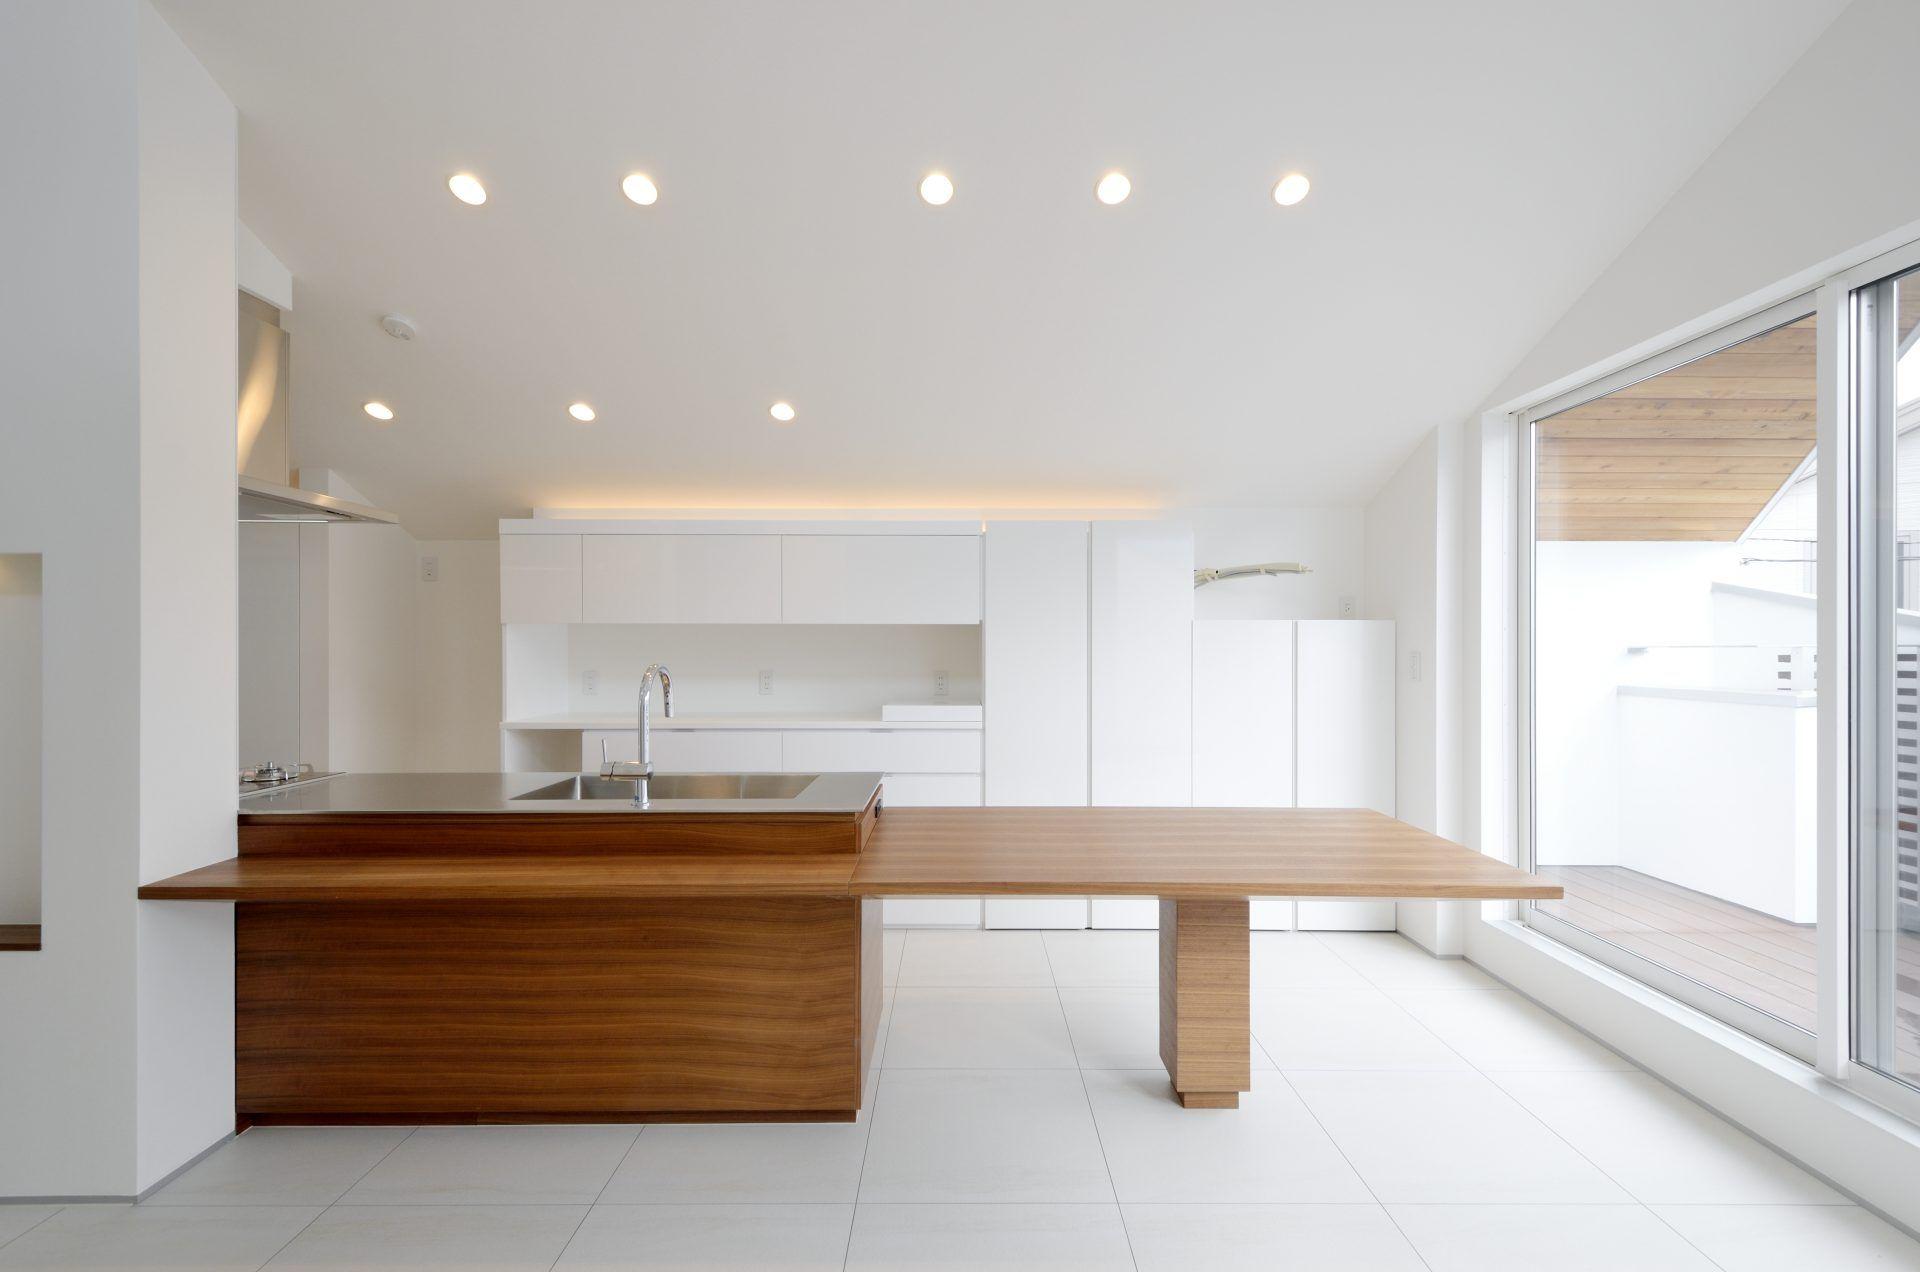 白基調の採光がデザインされた明るい住まい ベルクハウス 建築家